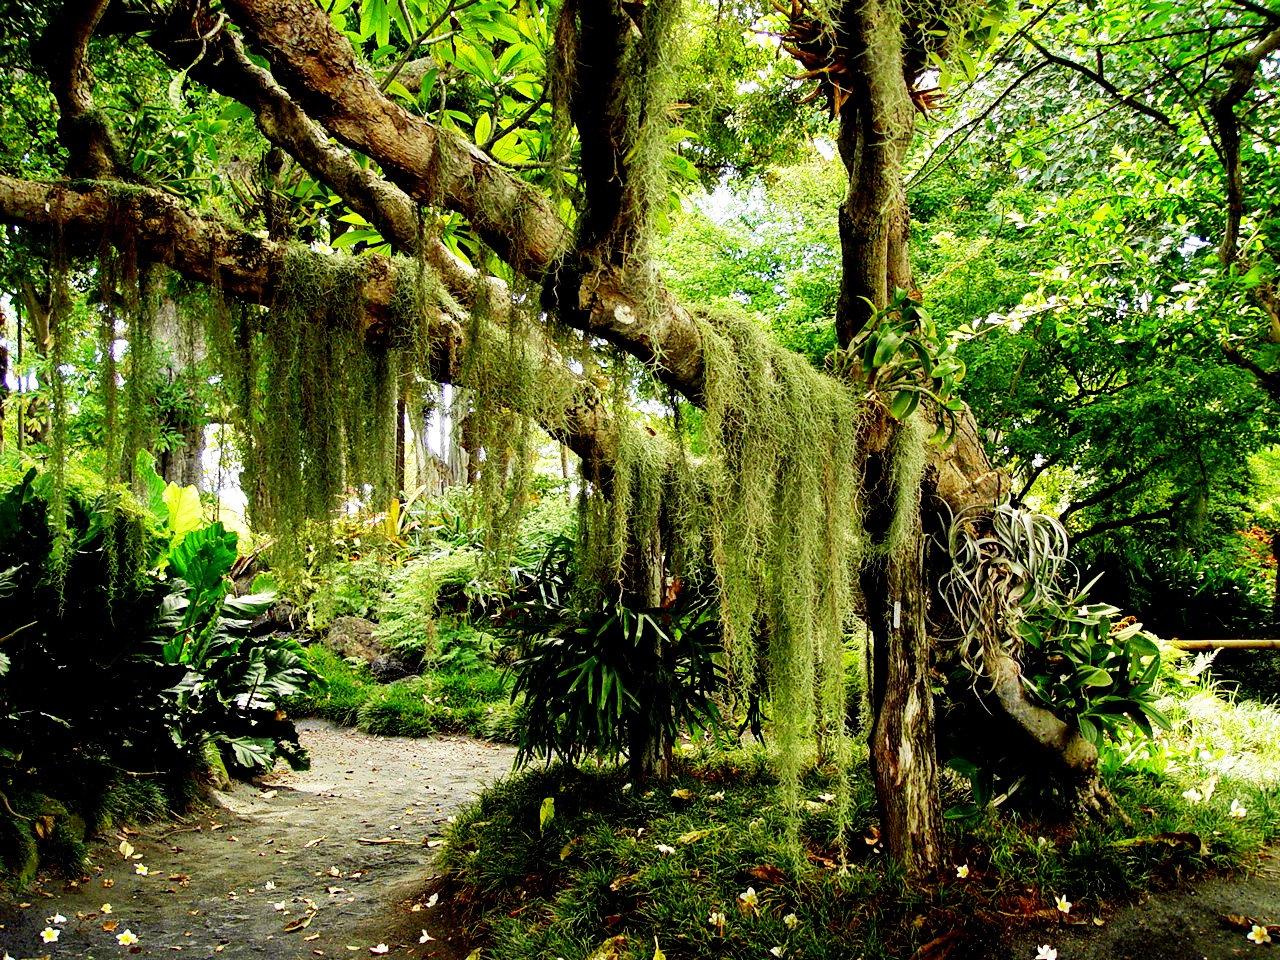 tropical rainforest plants